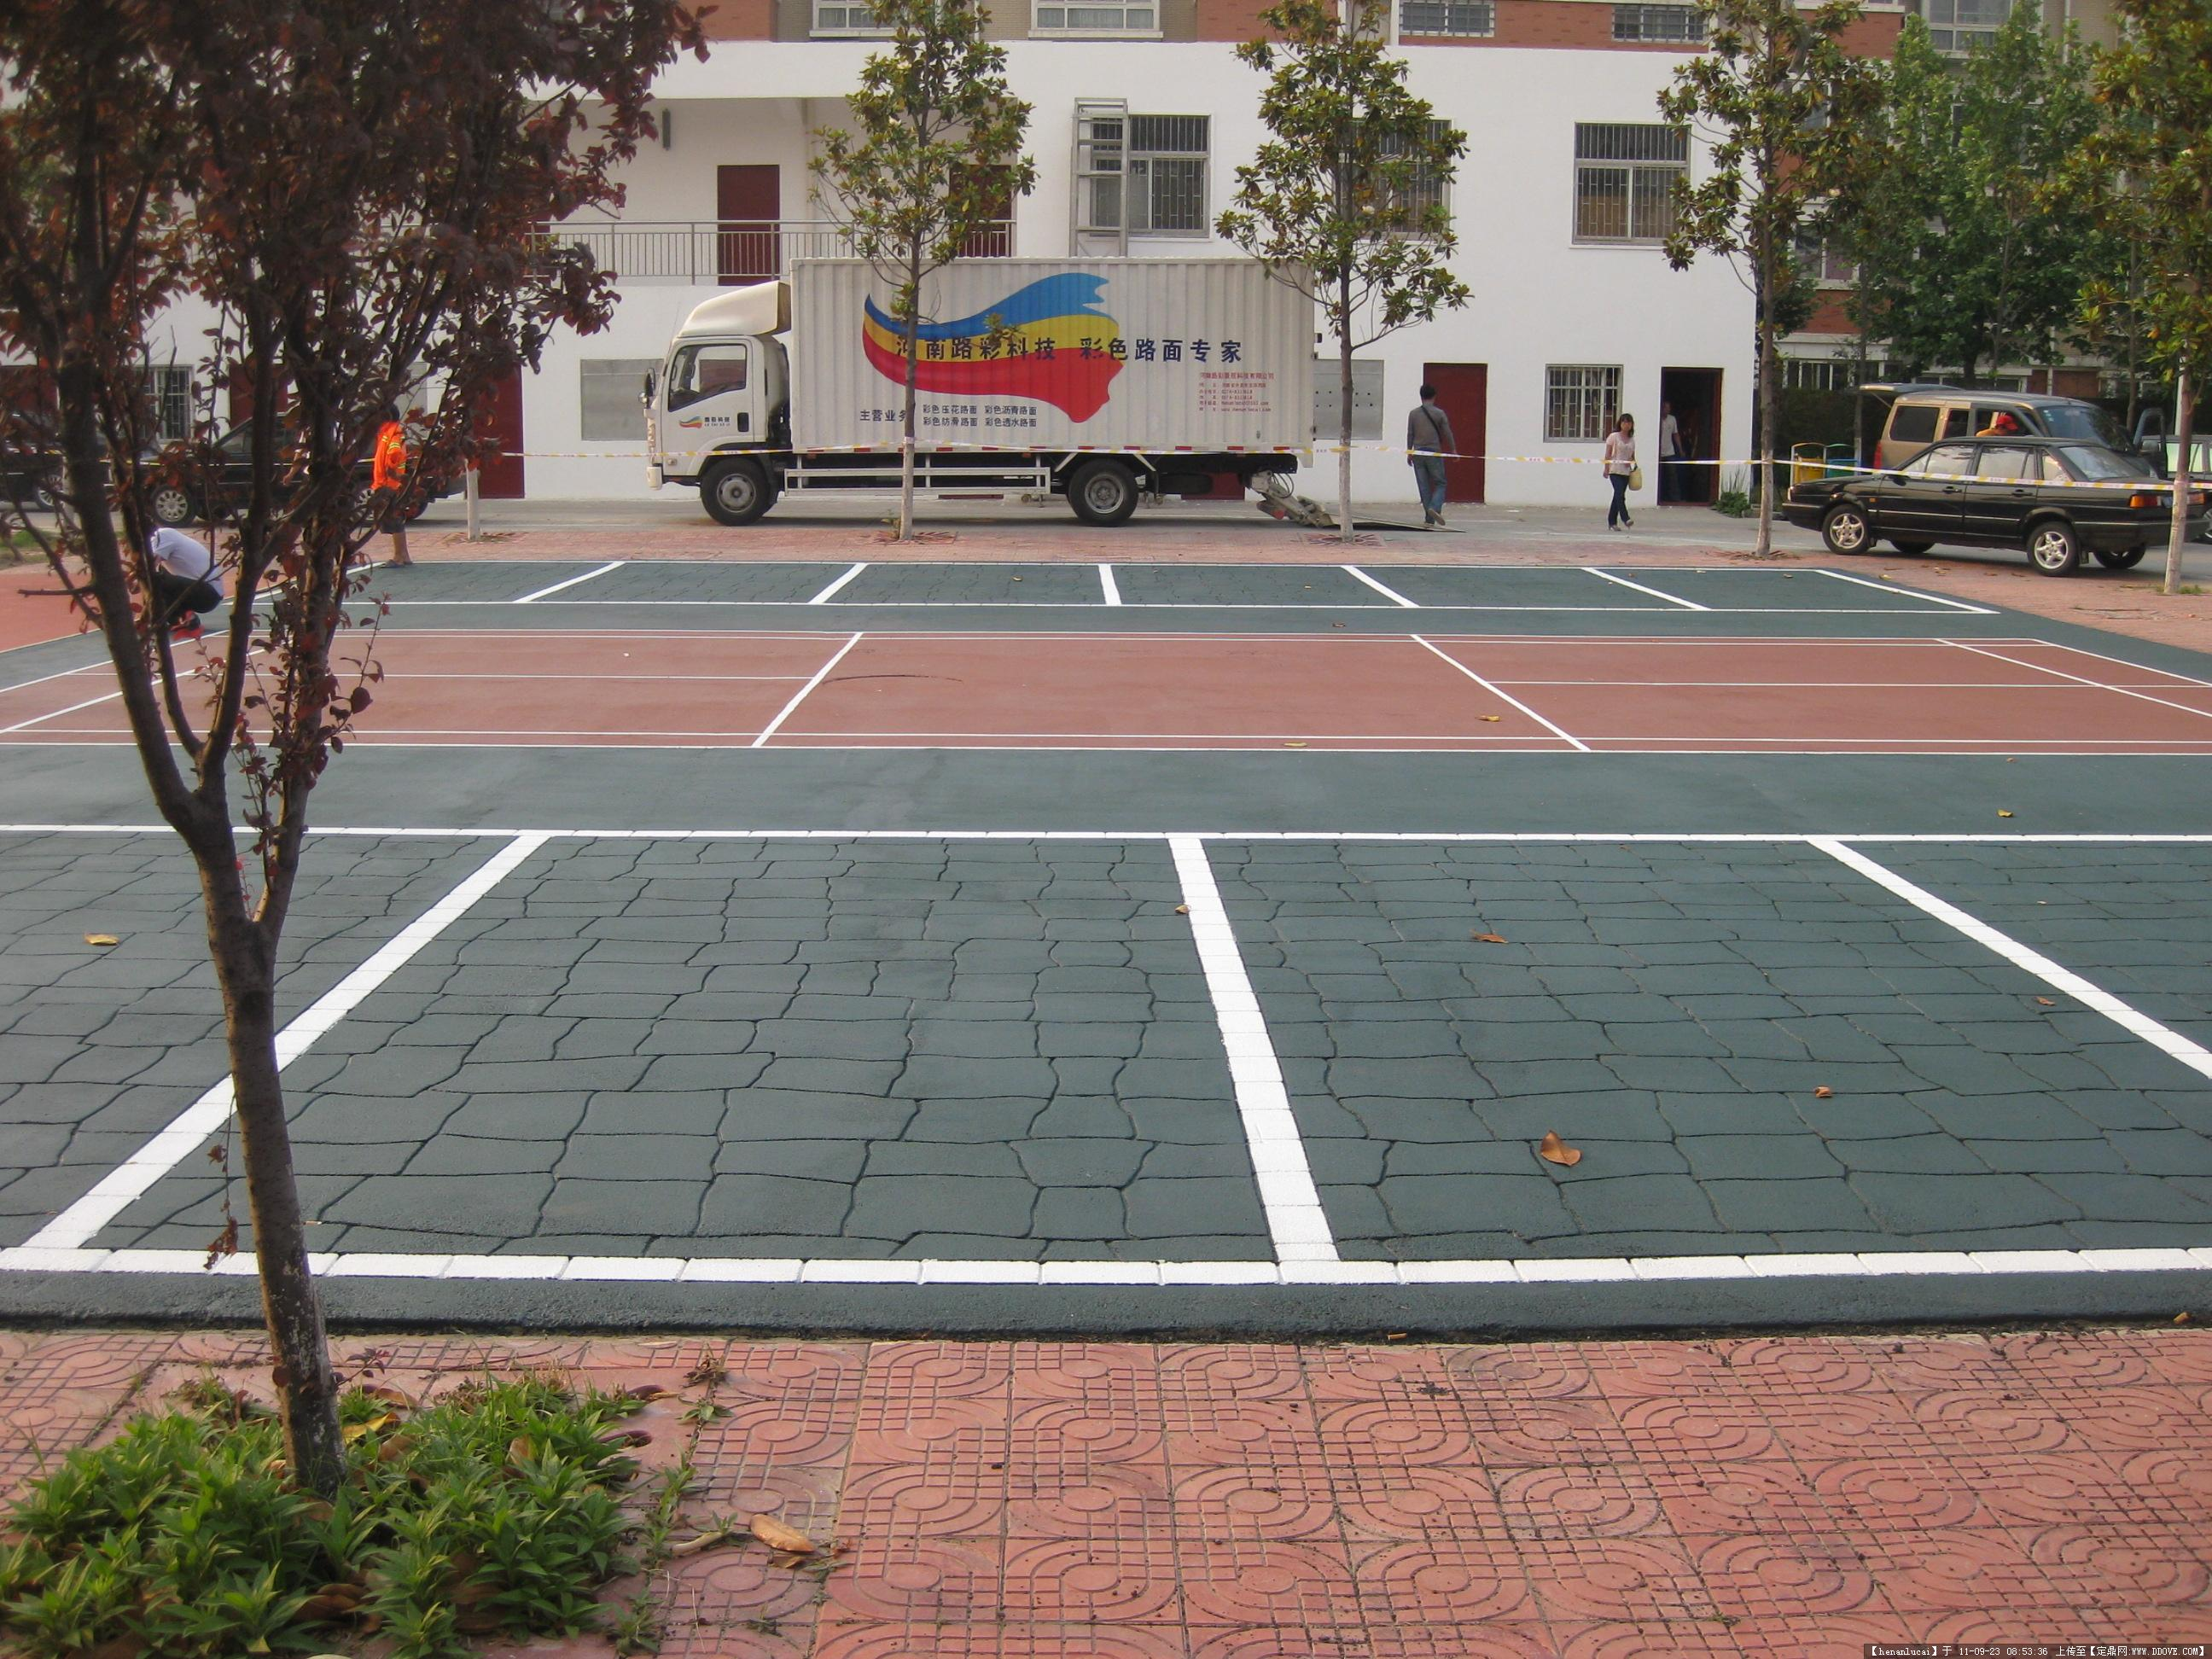 广场设计-停车场.jpg 原始尺寸:2592